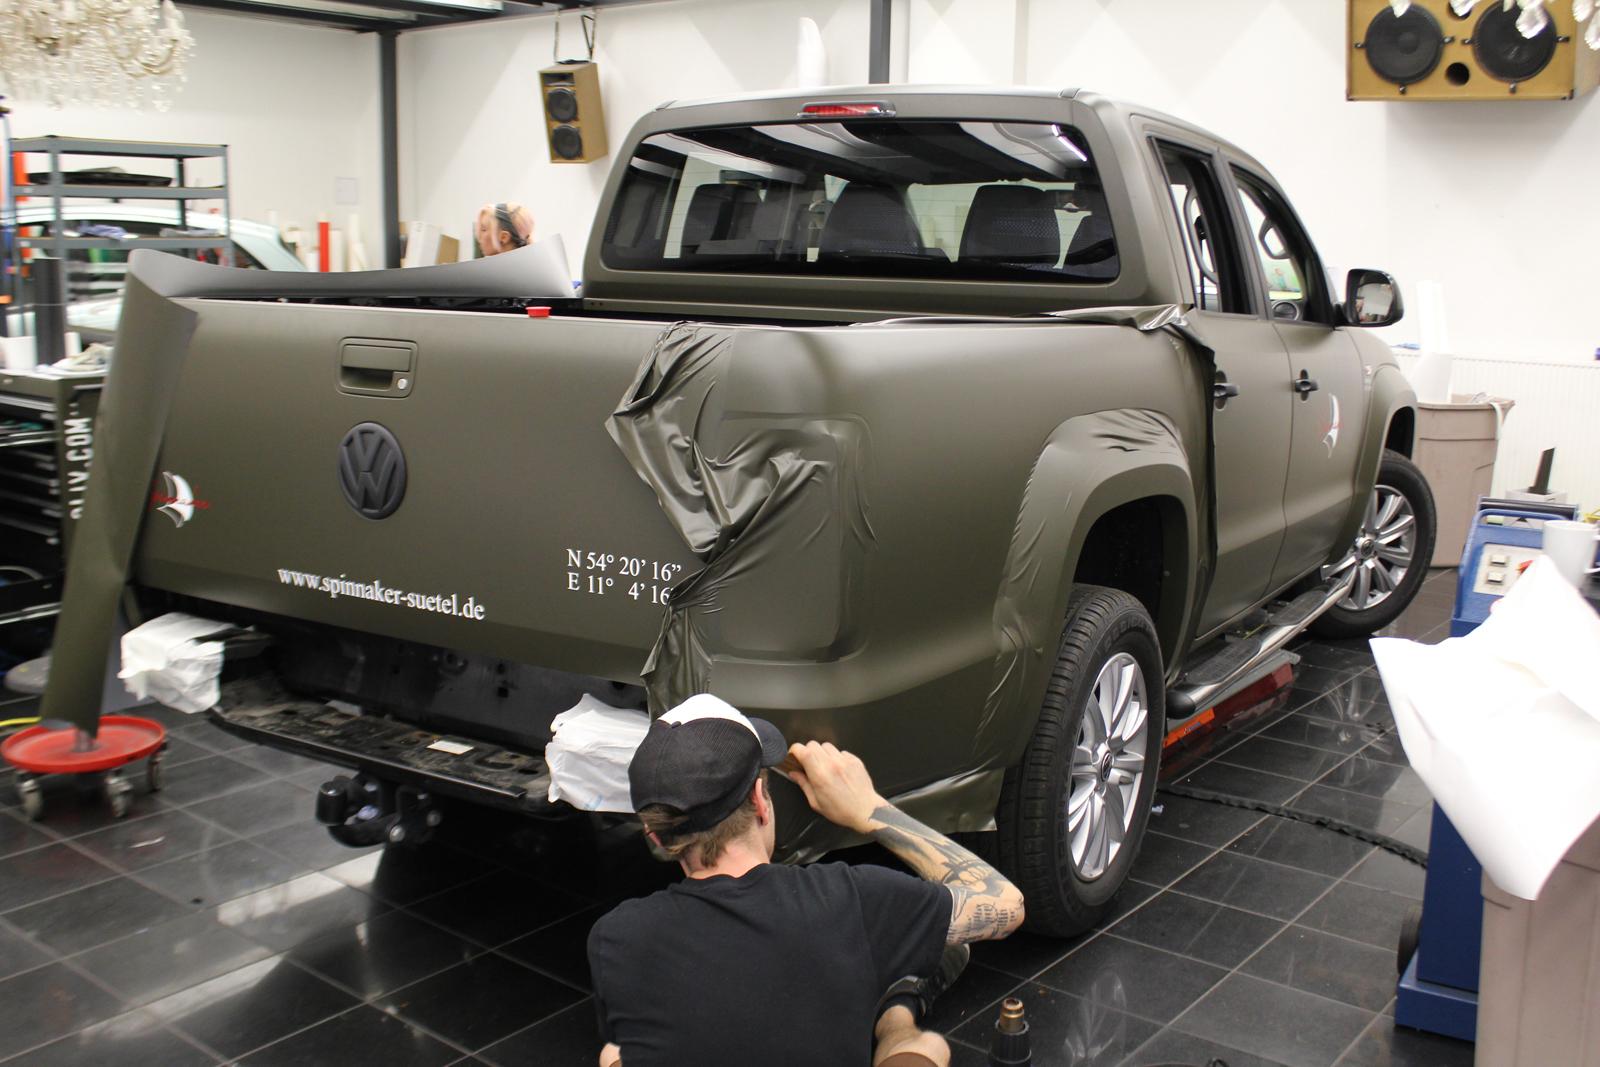 VW_AMAROK_FOLIERUNG_NATO-OLIV_MATT_BESCHRIFTUNG_02